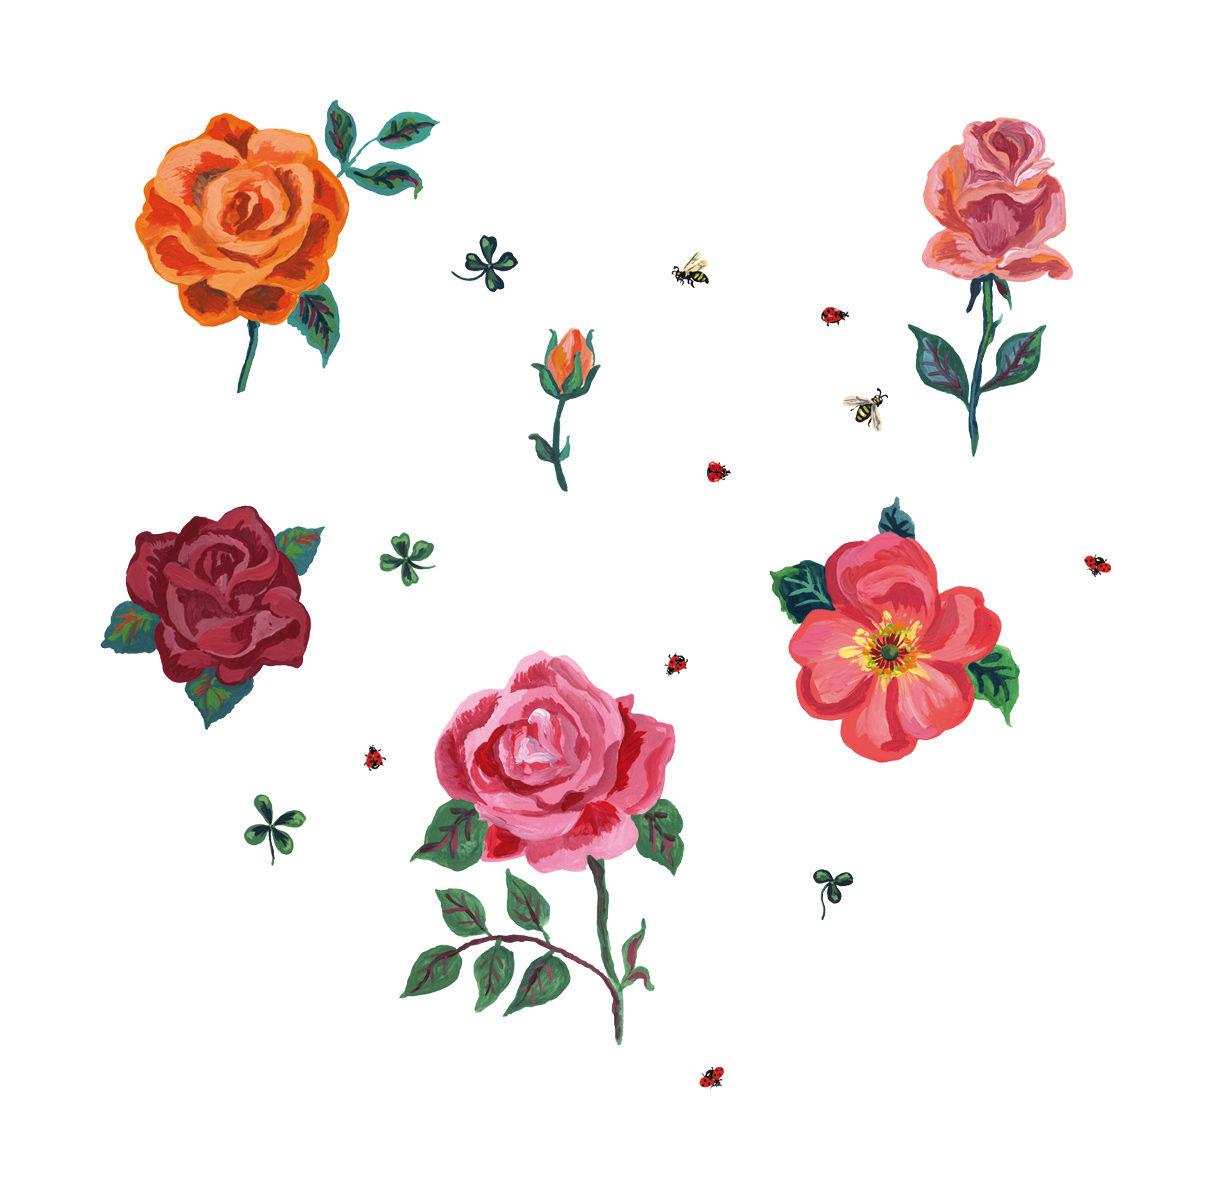 Dekoration - Stickers und Tapeten - Des roses Sticker 6er Set - Domestic - Mehrfarbig - Rosen - Vinyl